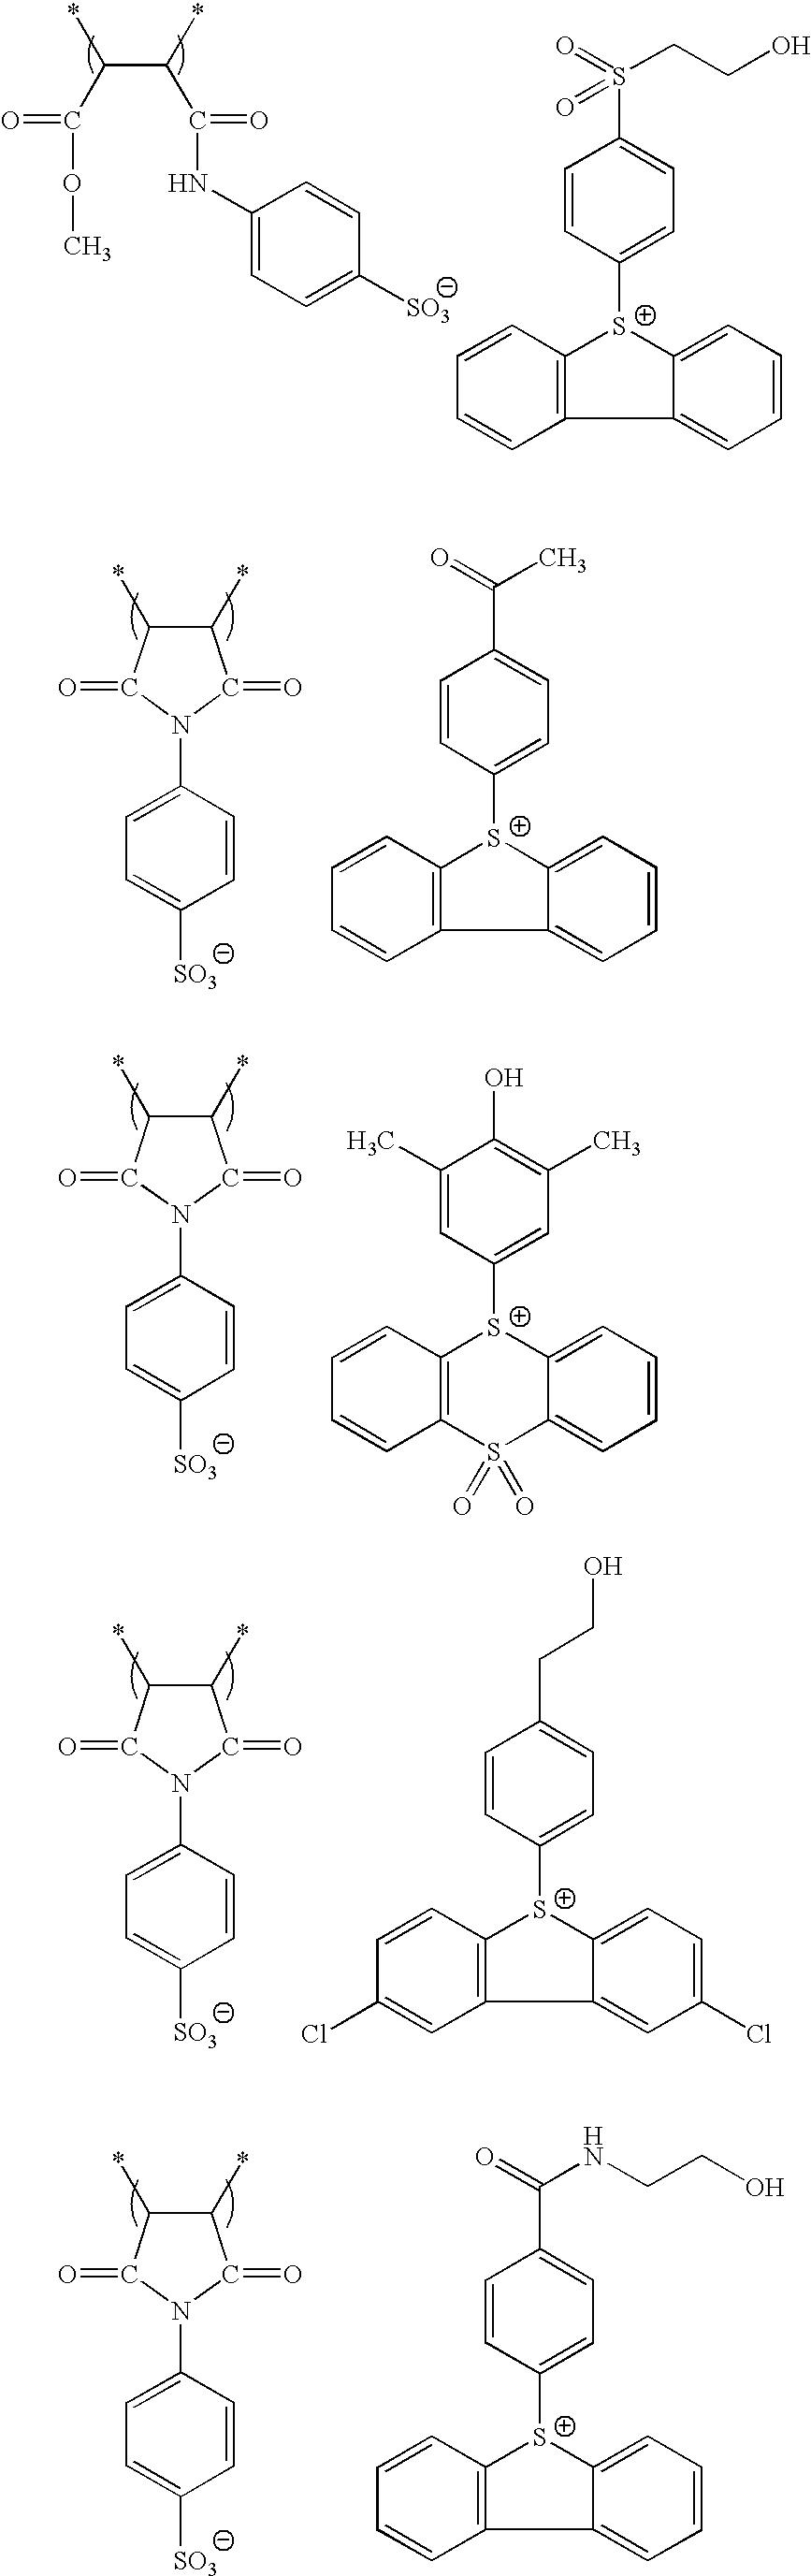 Figure US20100183975A1-20100722-C00081